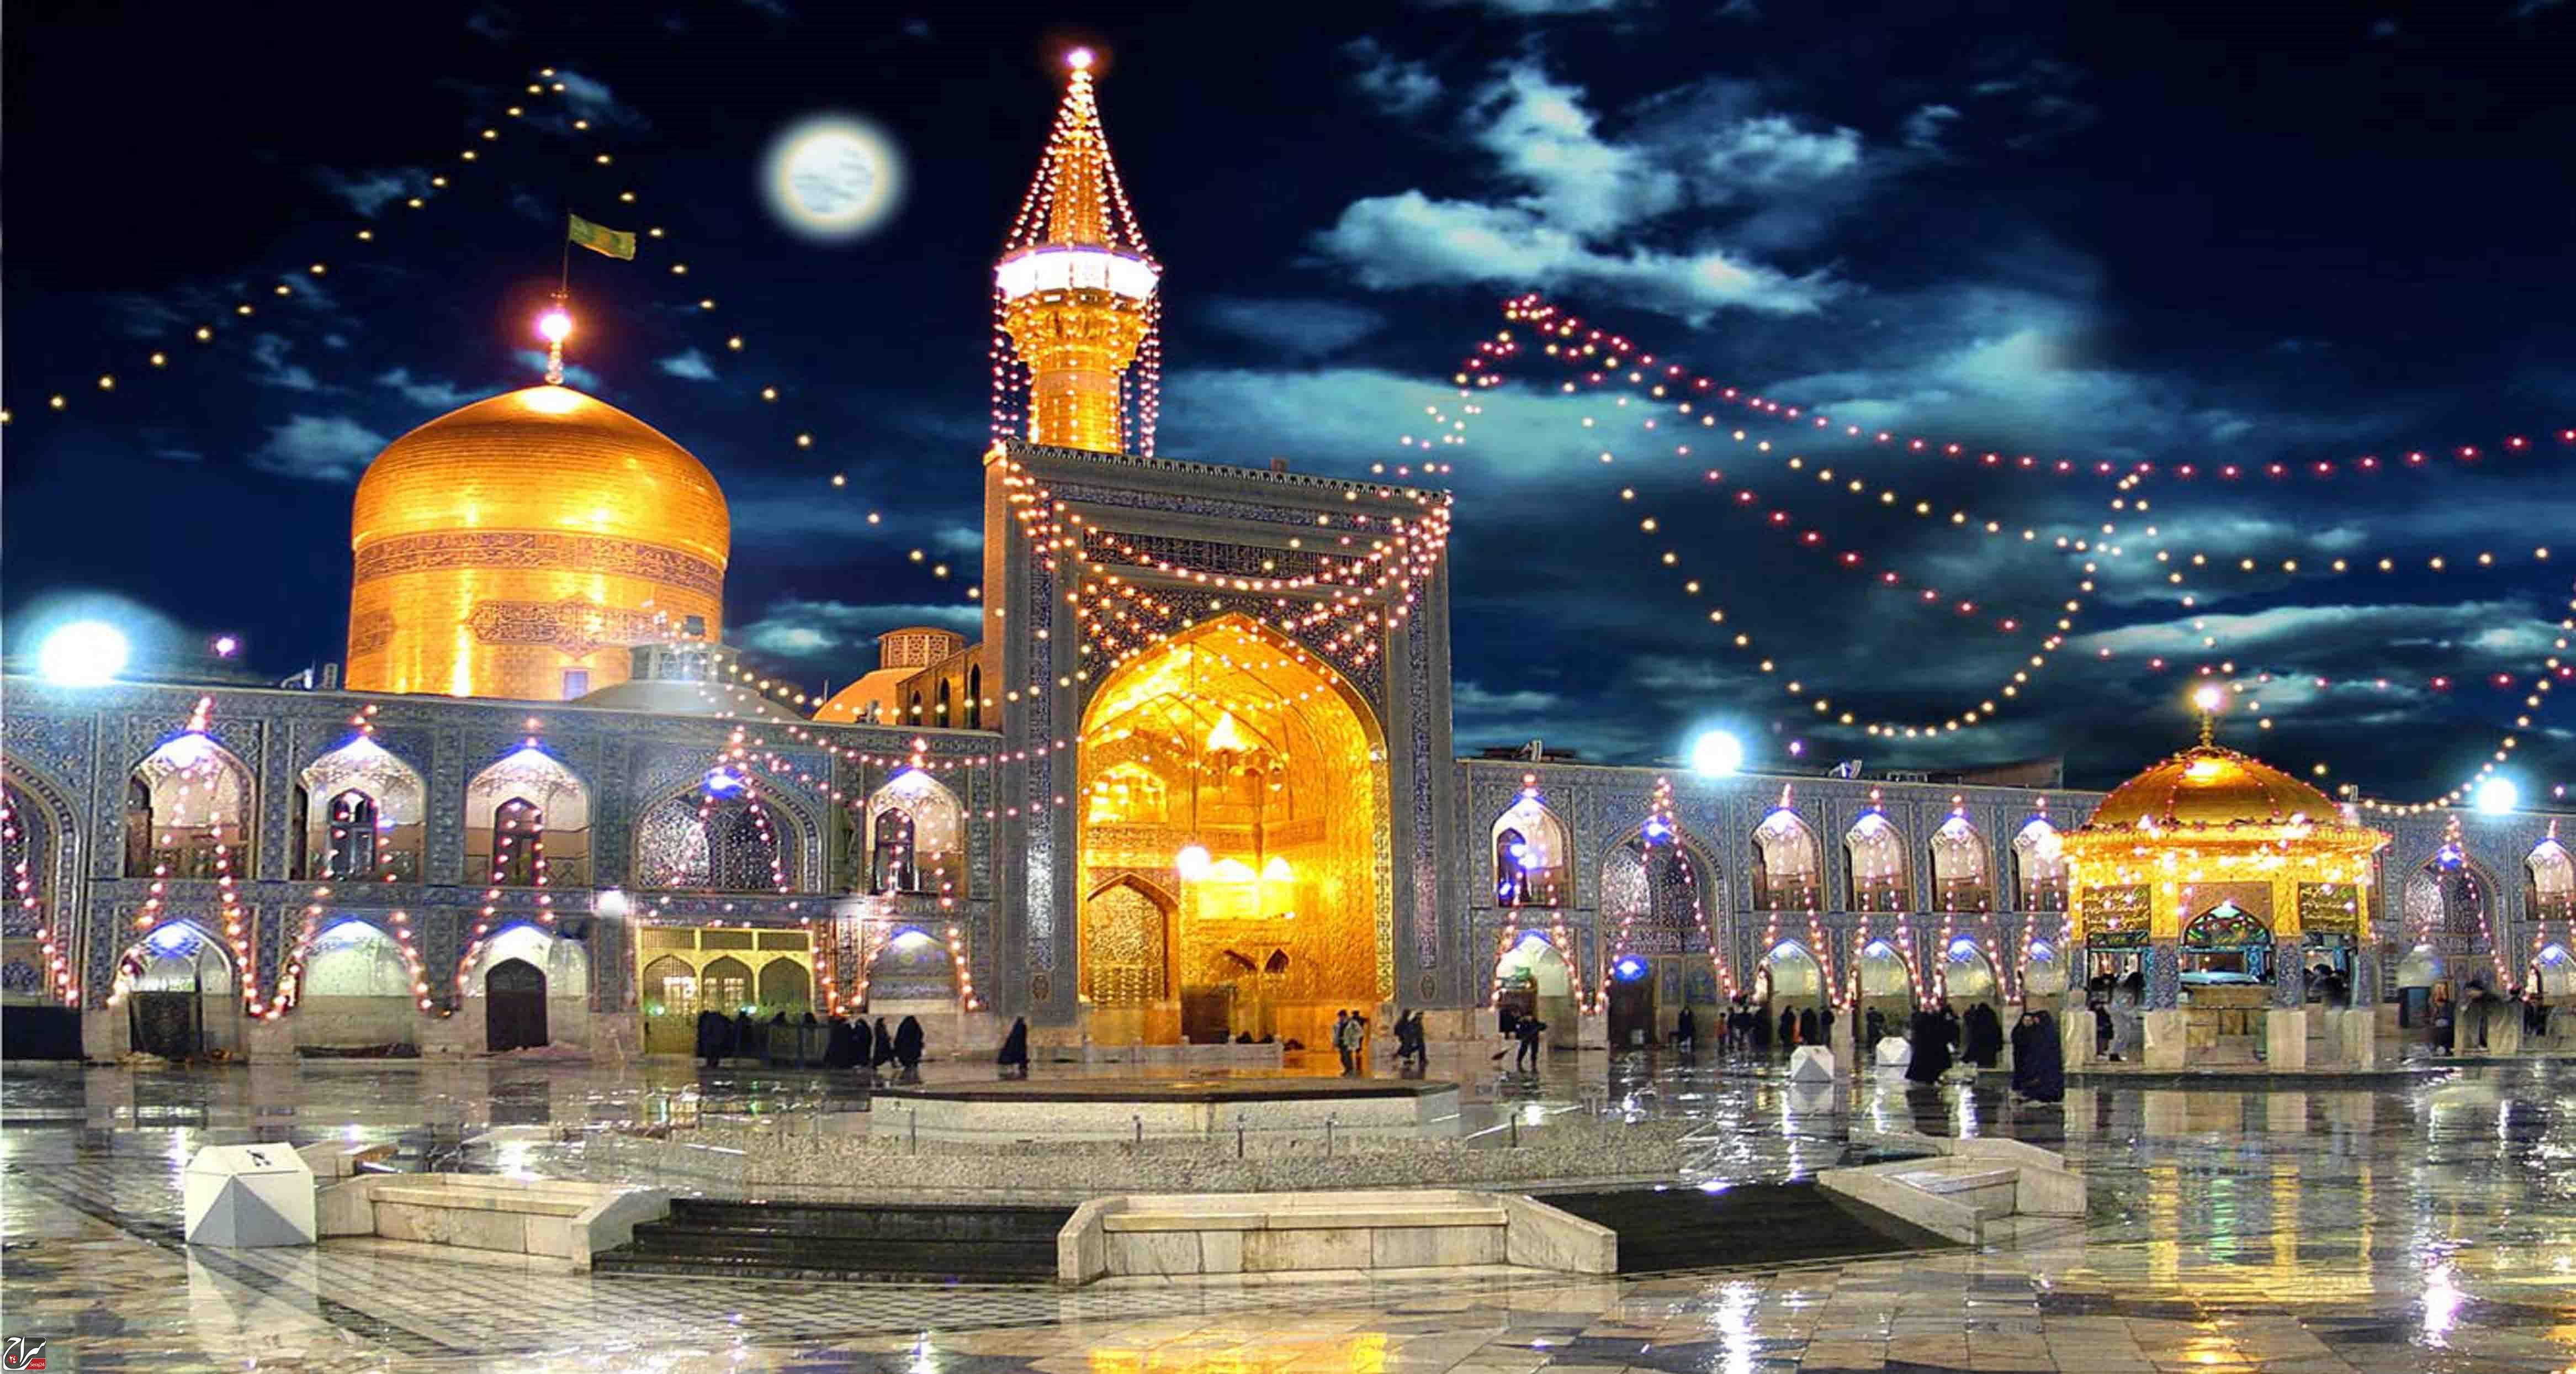 بیانیه مشترک تولیتهای آستانهای مقدس کشور / برای برگزاری مراسم شبهای قدر آمادگی داریم